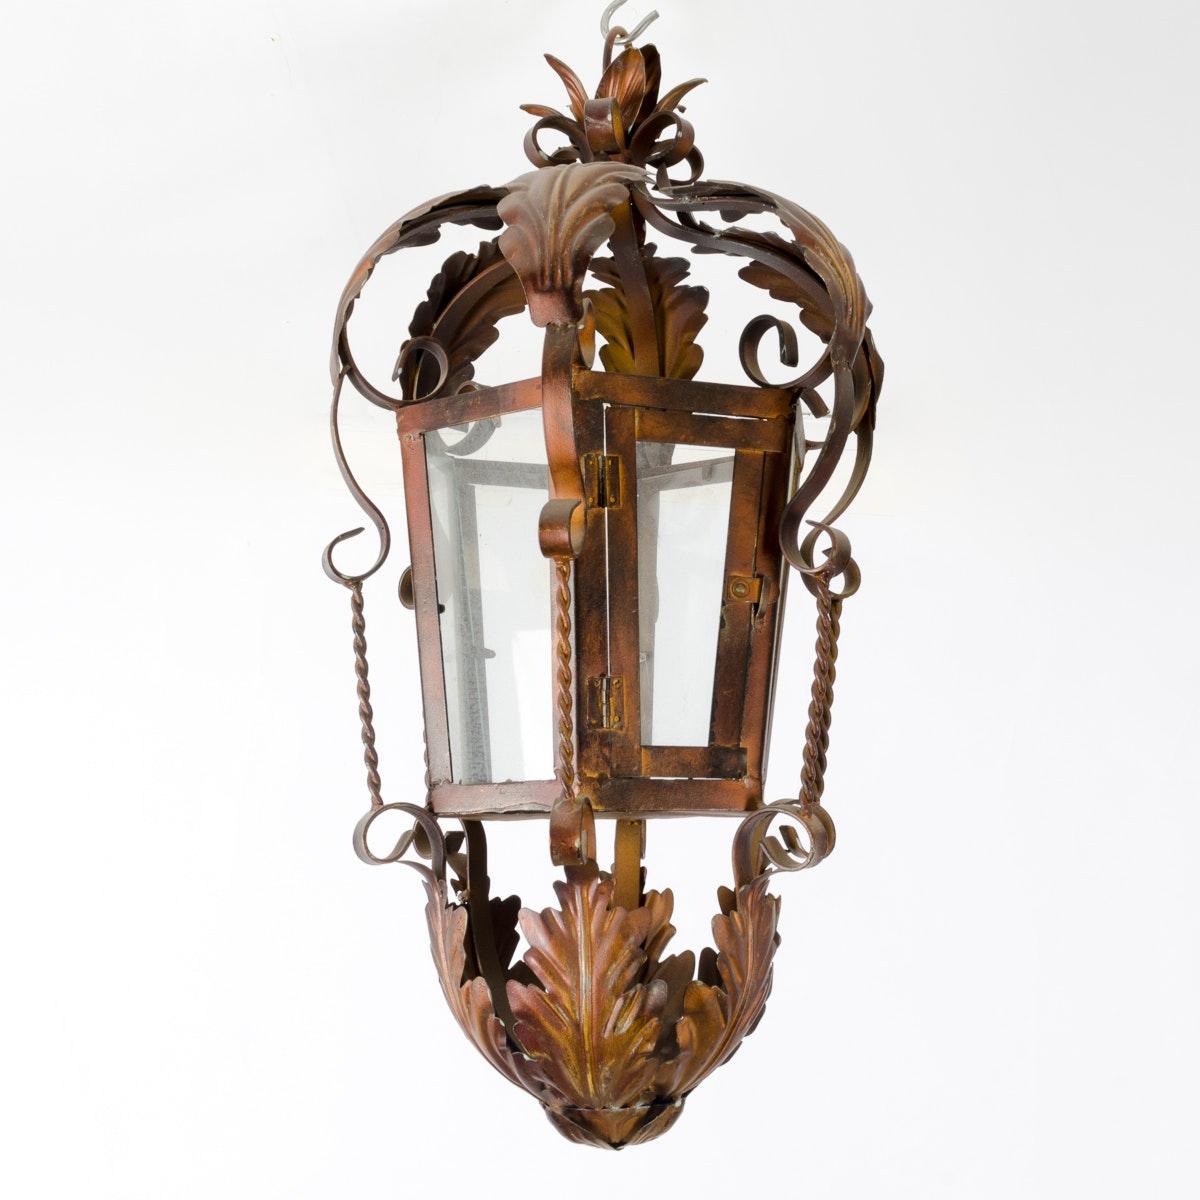 Hanging Decorative Metal Candle Lantern